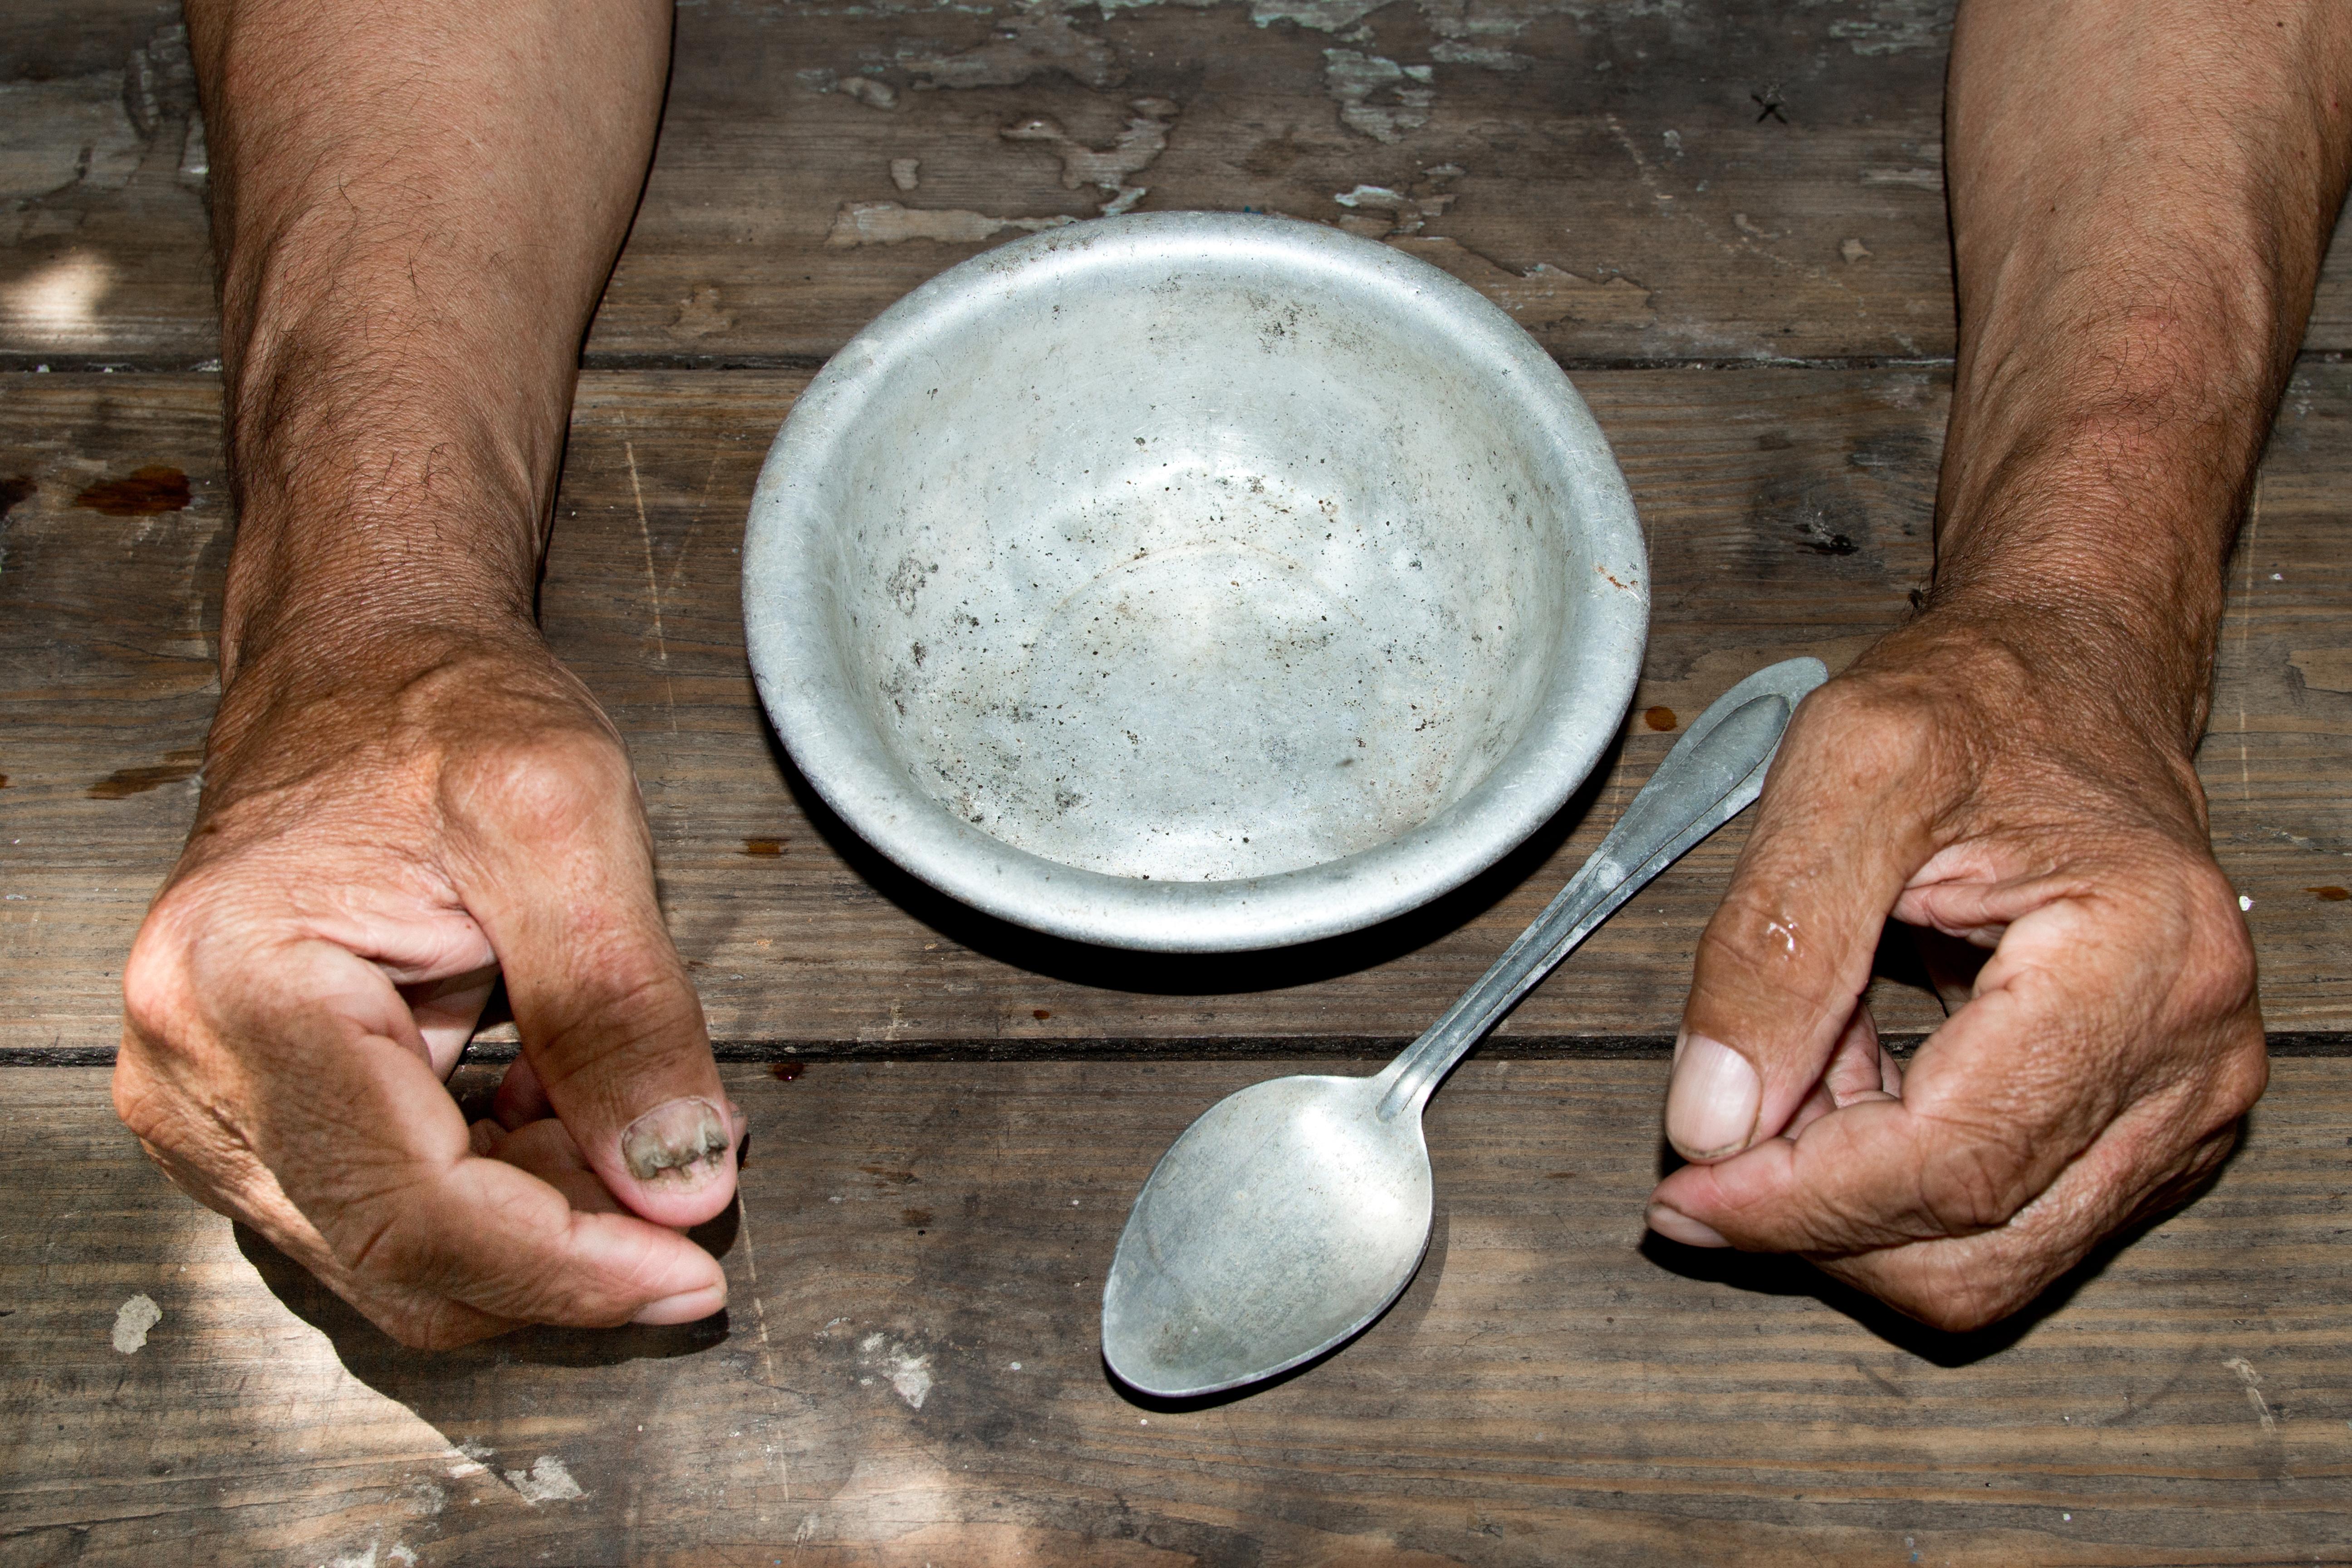 Realidade ignorada: 1 em cada 3 no Brasil sofre com privação de comida